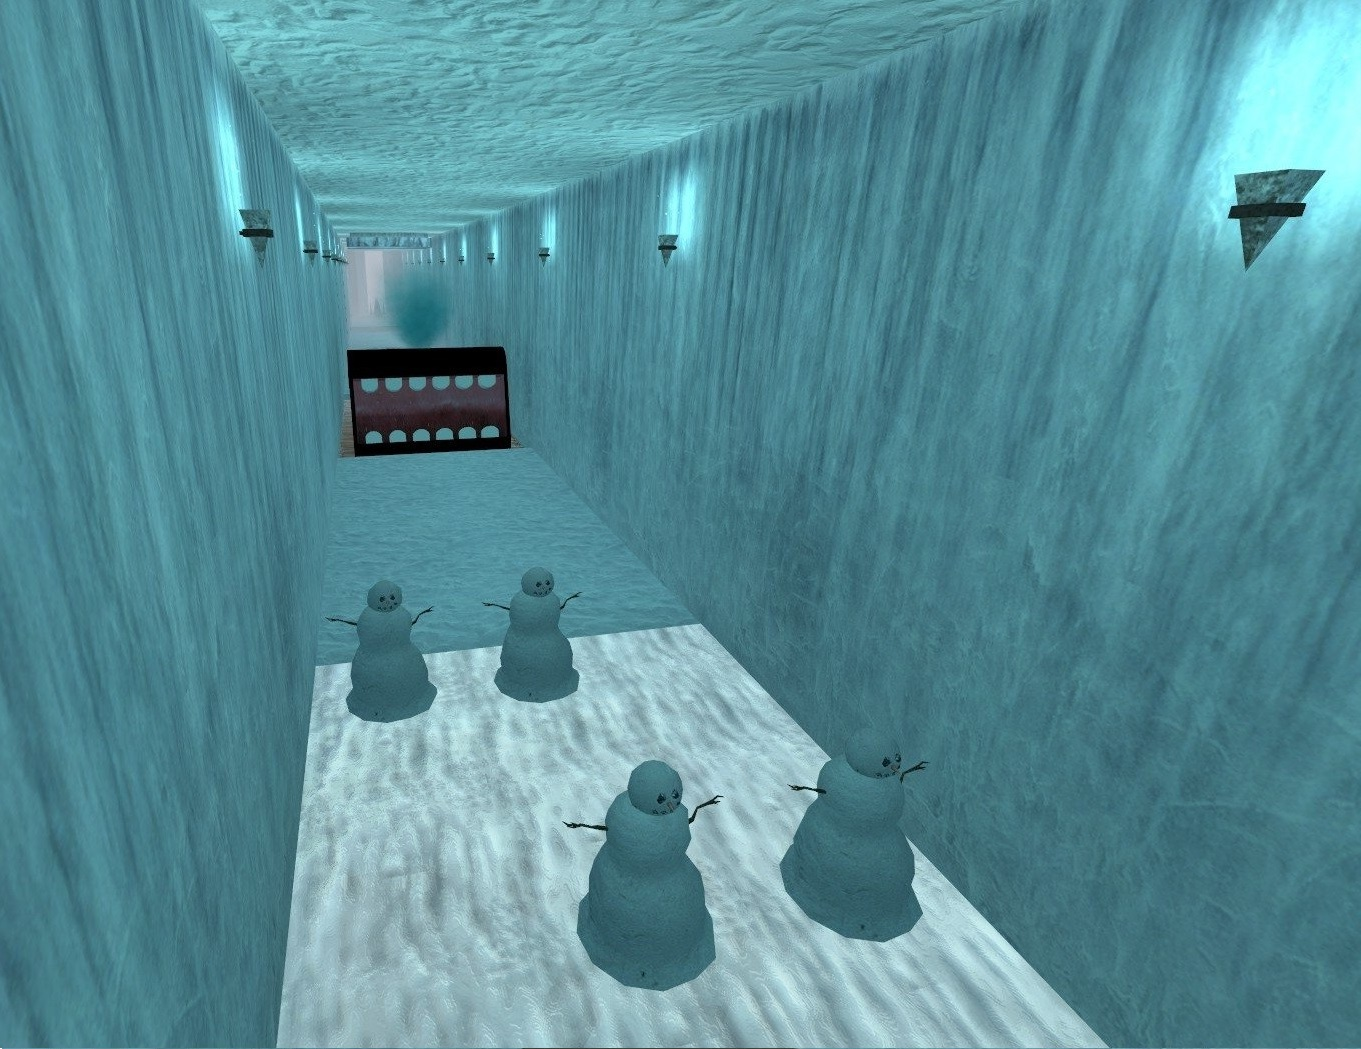 лучшие карты deathrun deathrun_iceworld_v2fix_csgo